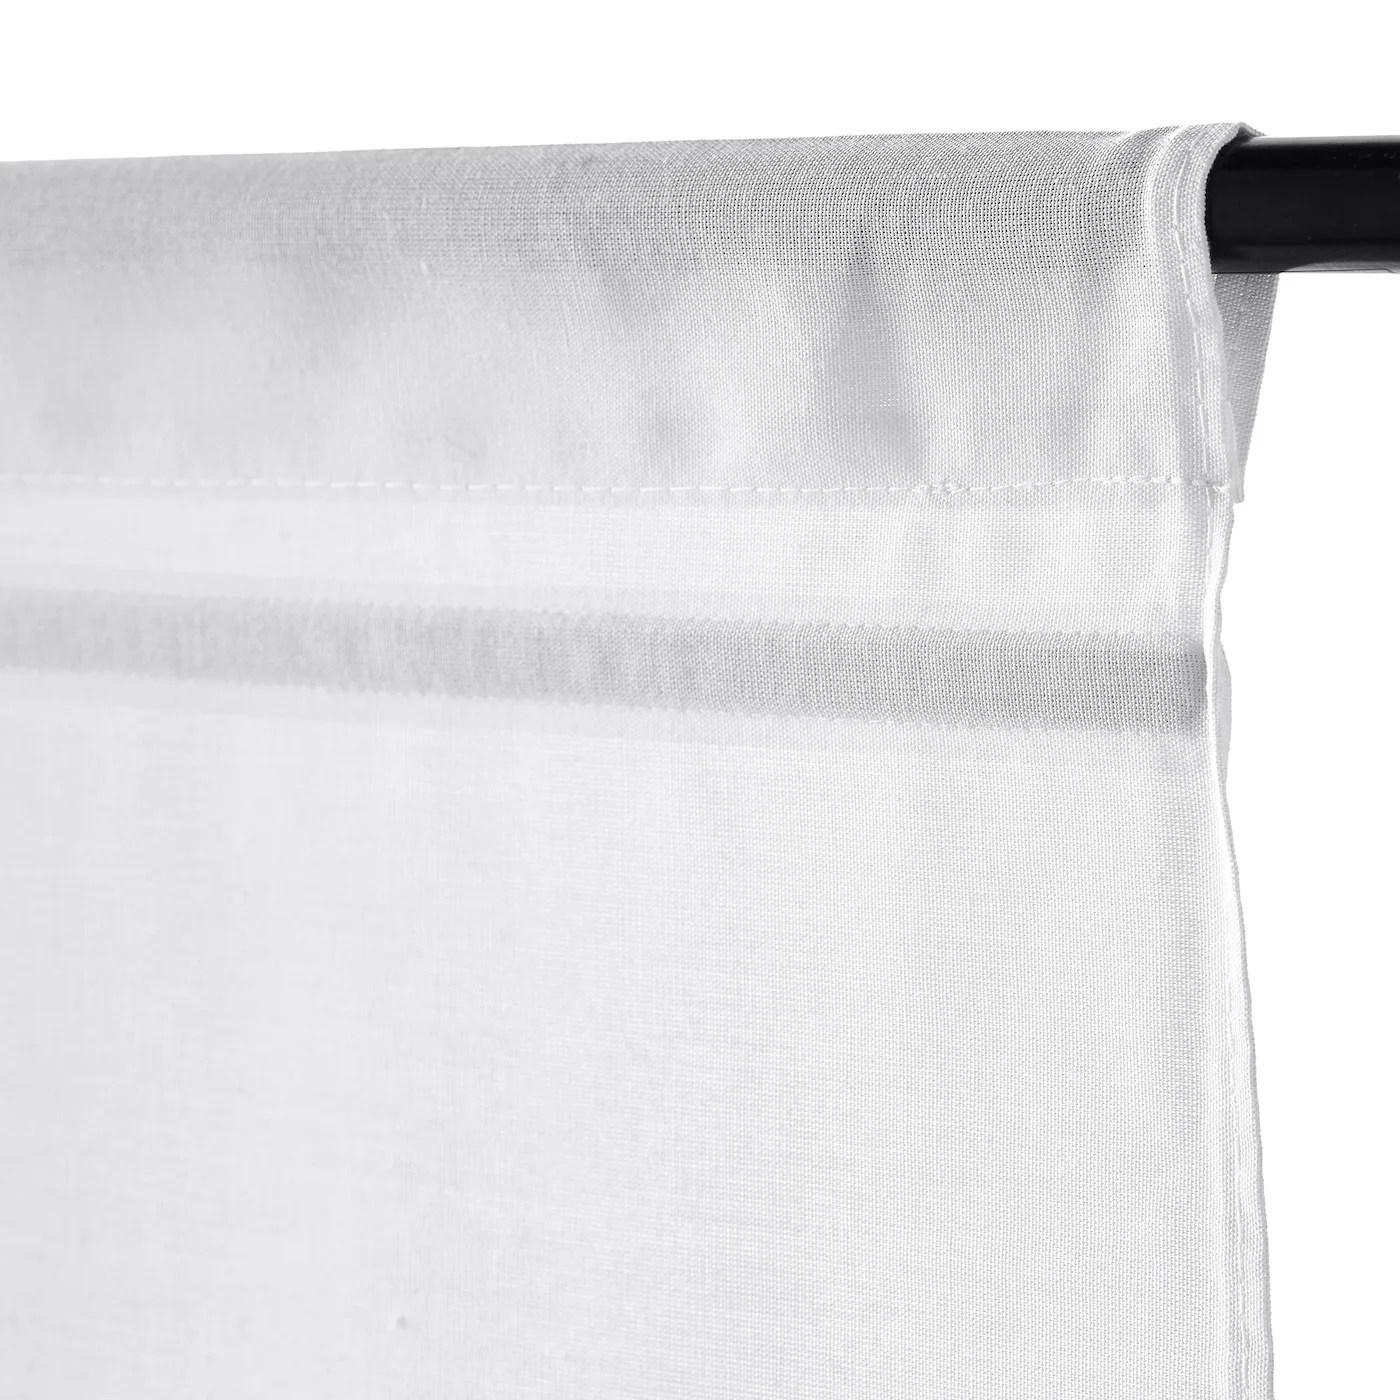 Tende a pacchetto · ringblomma tenda a pacchetto, bianco, 60x160 cm · ringblomma tenda a pacchetto, bianco/verde/a righe, 60x160 cm · ringblomma tenda a pacchetto,. Ringblomma Tenda A Pacchetto Bianco 100x160 Cm Ikea It